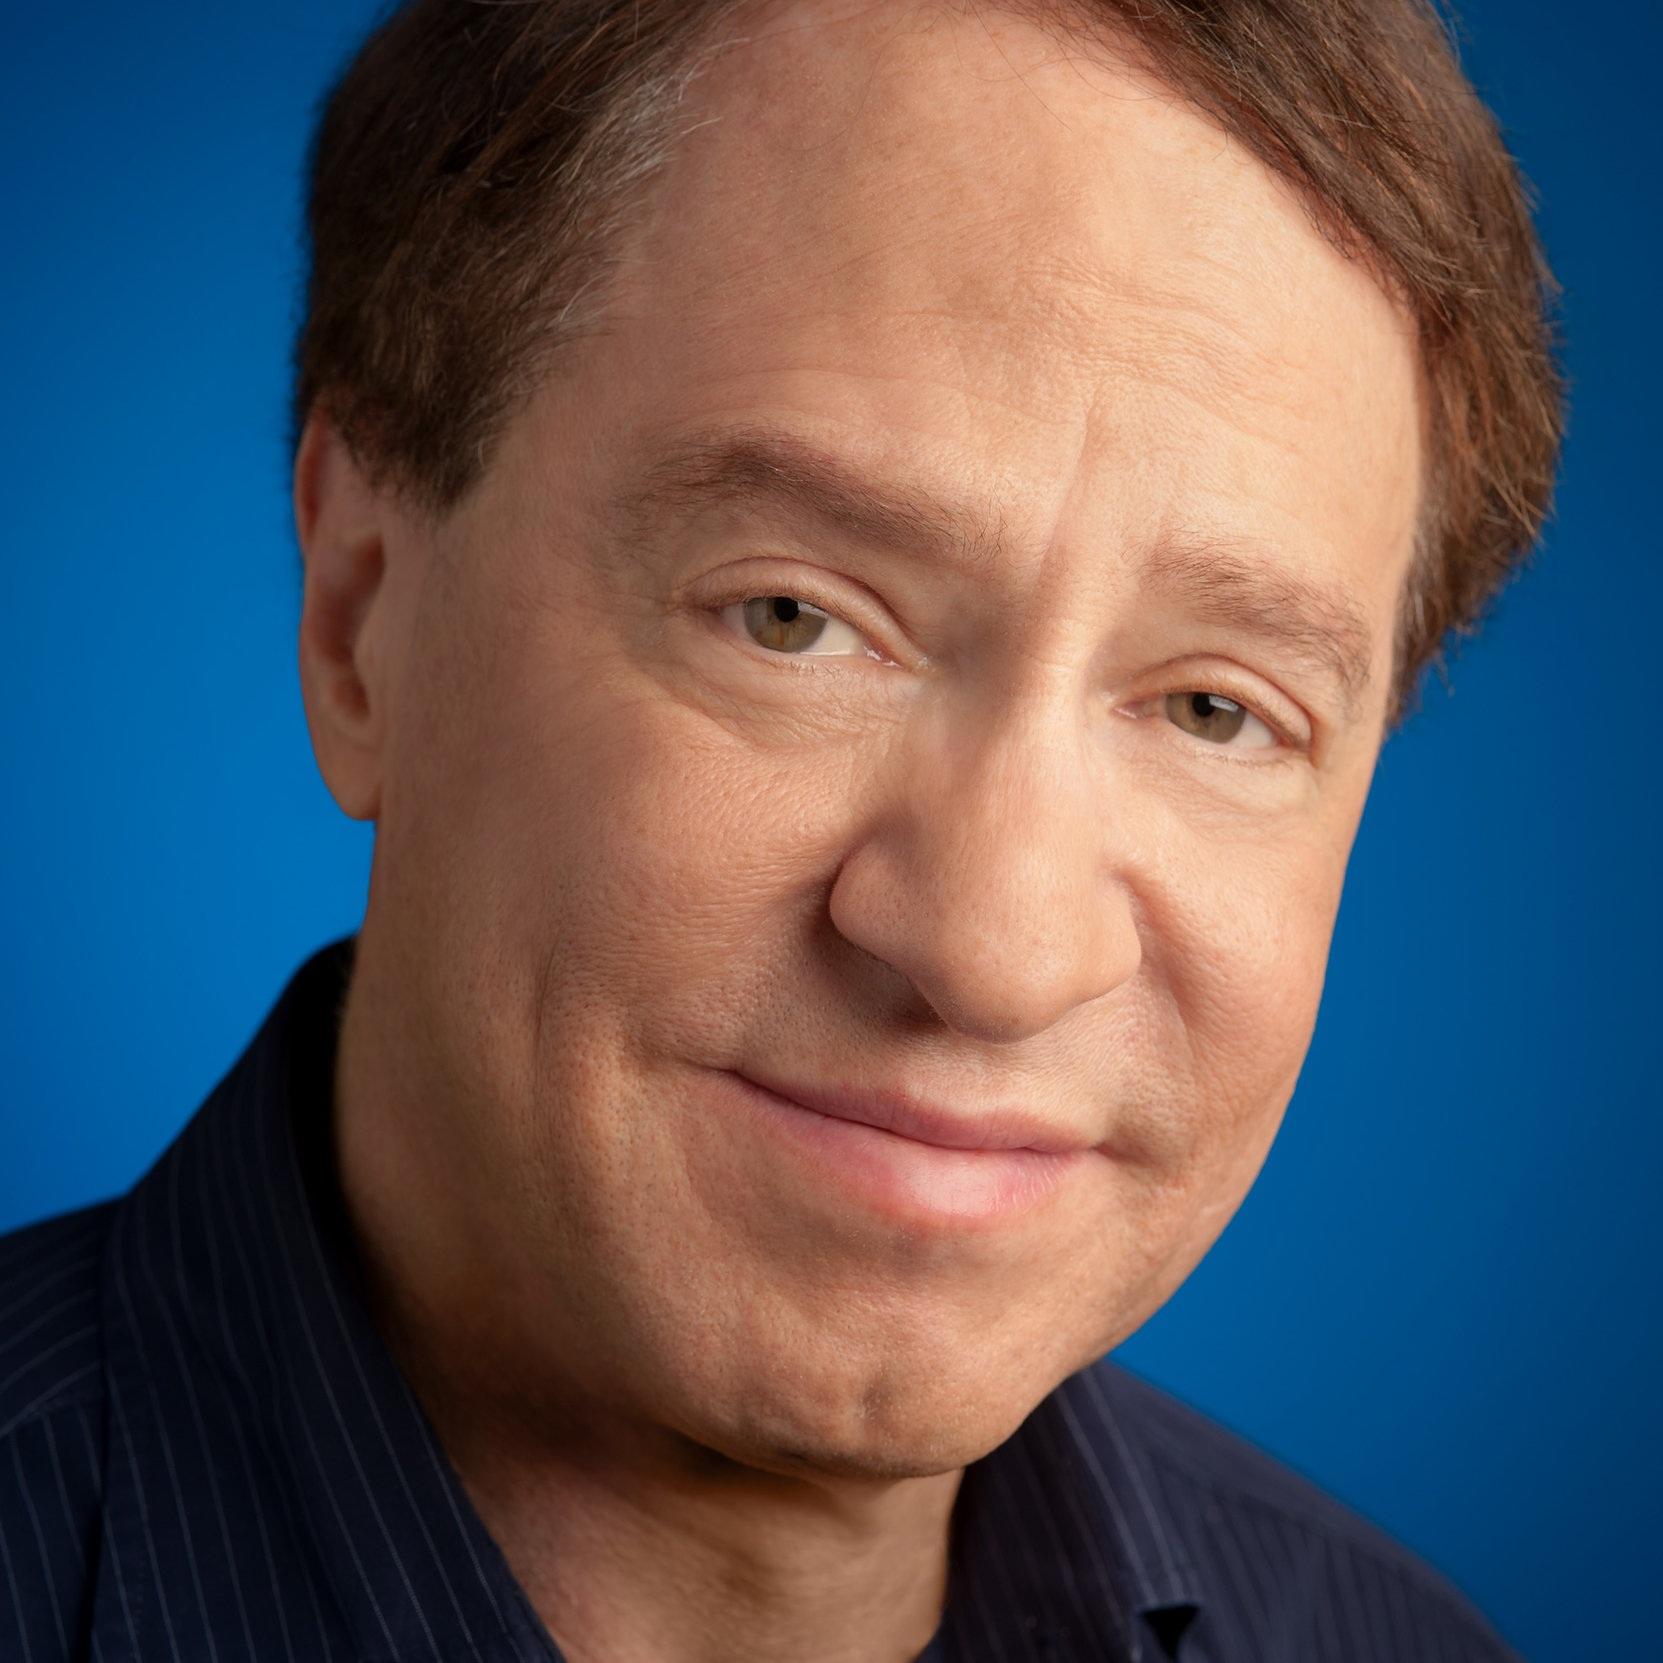 Ray Kurzweil - Futurist, Inventor